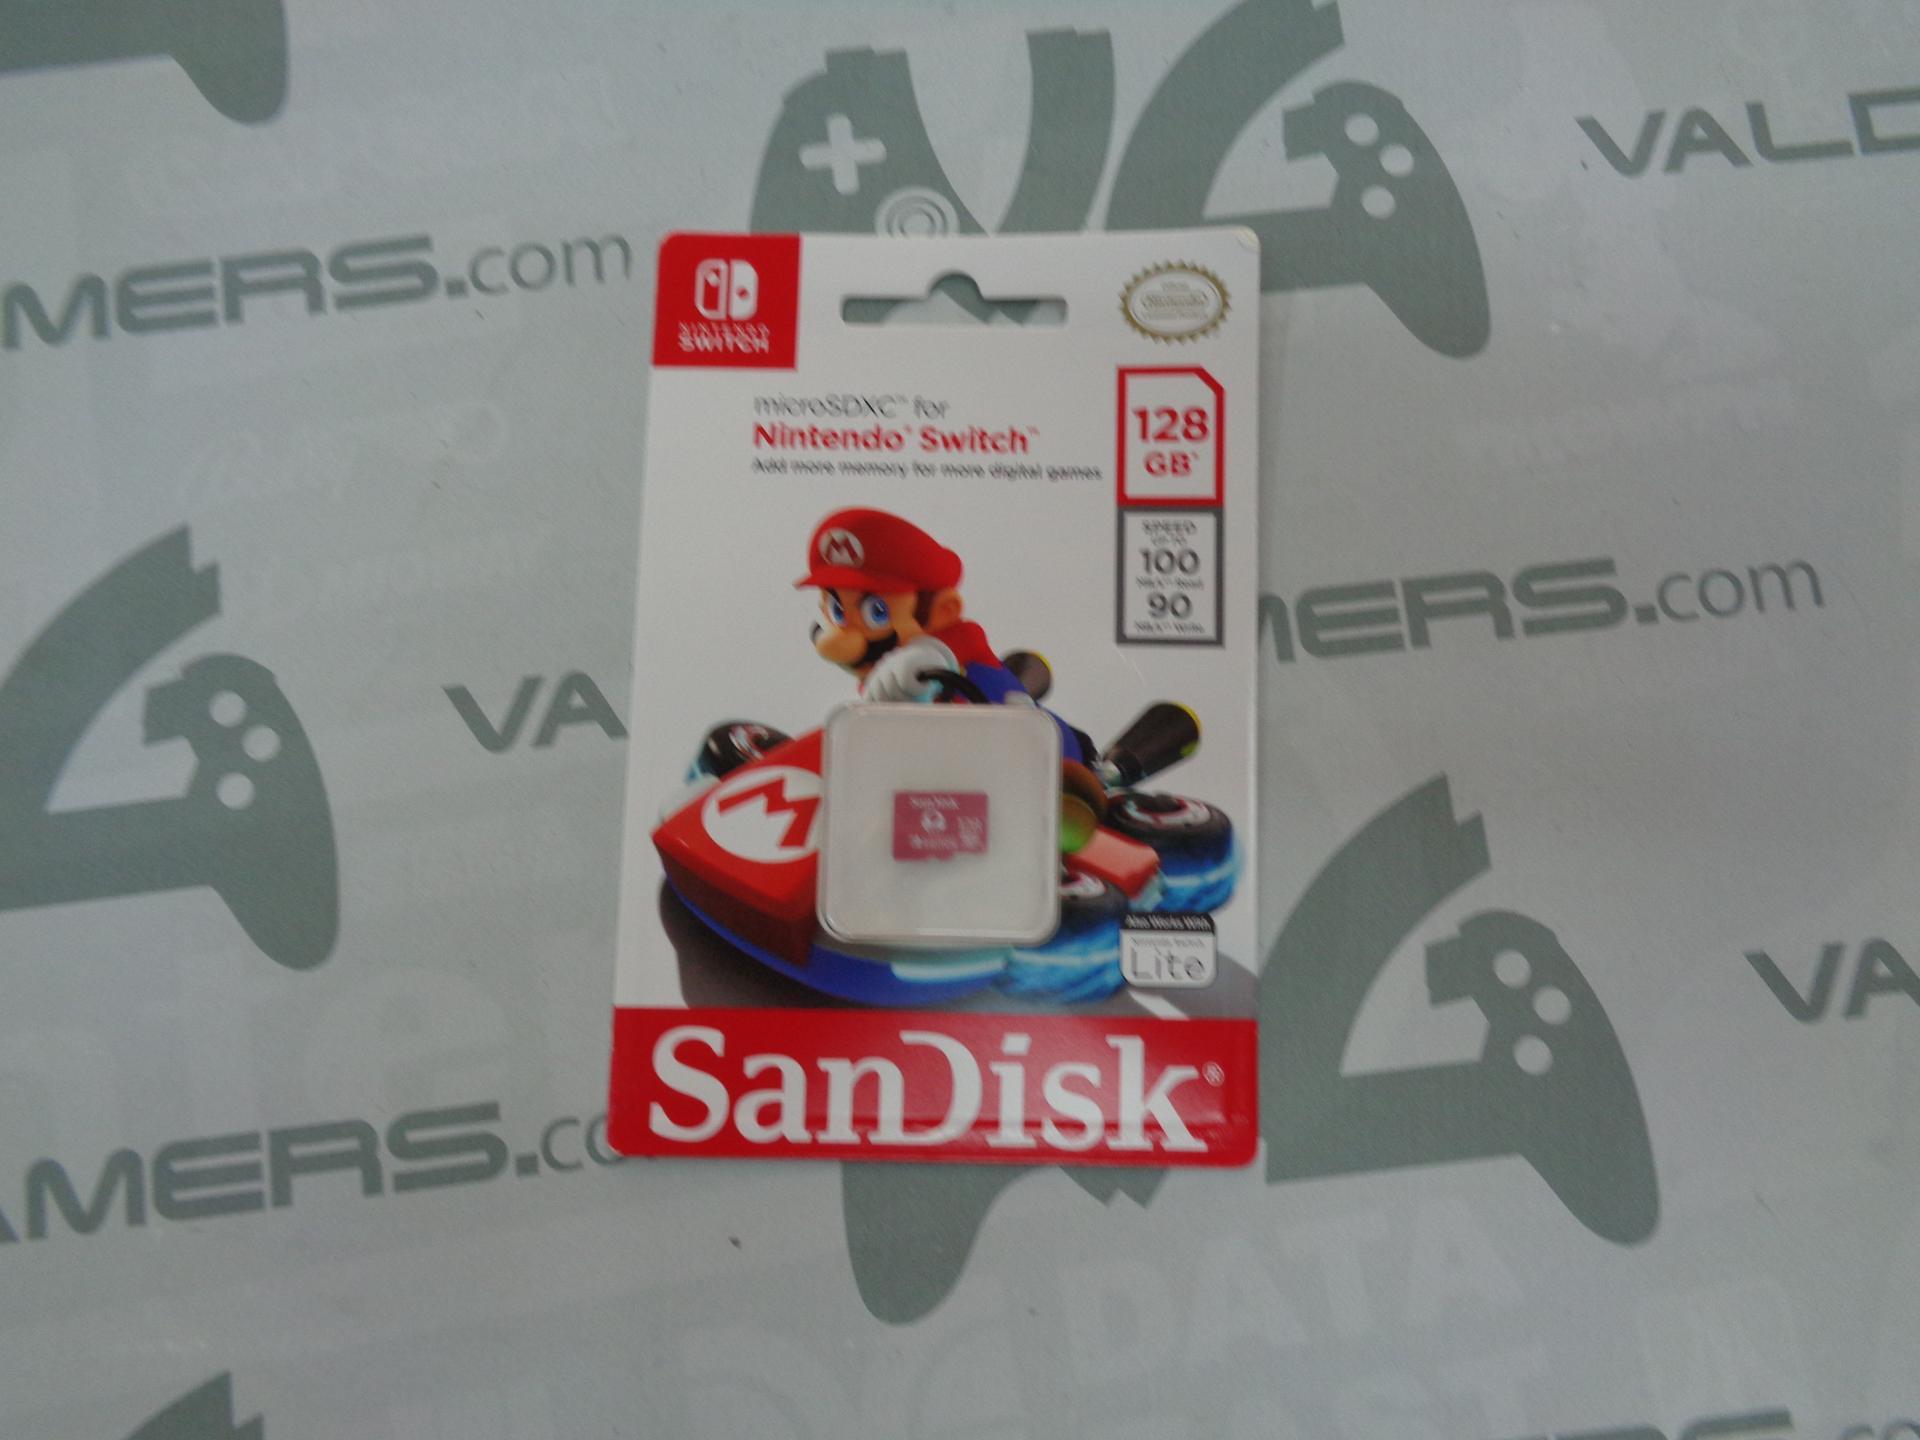 Memoria Sandisk 128Gb Microsdxc Toad -Licencia Oficial-  NUEVO